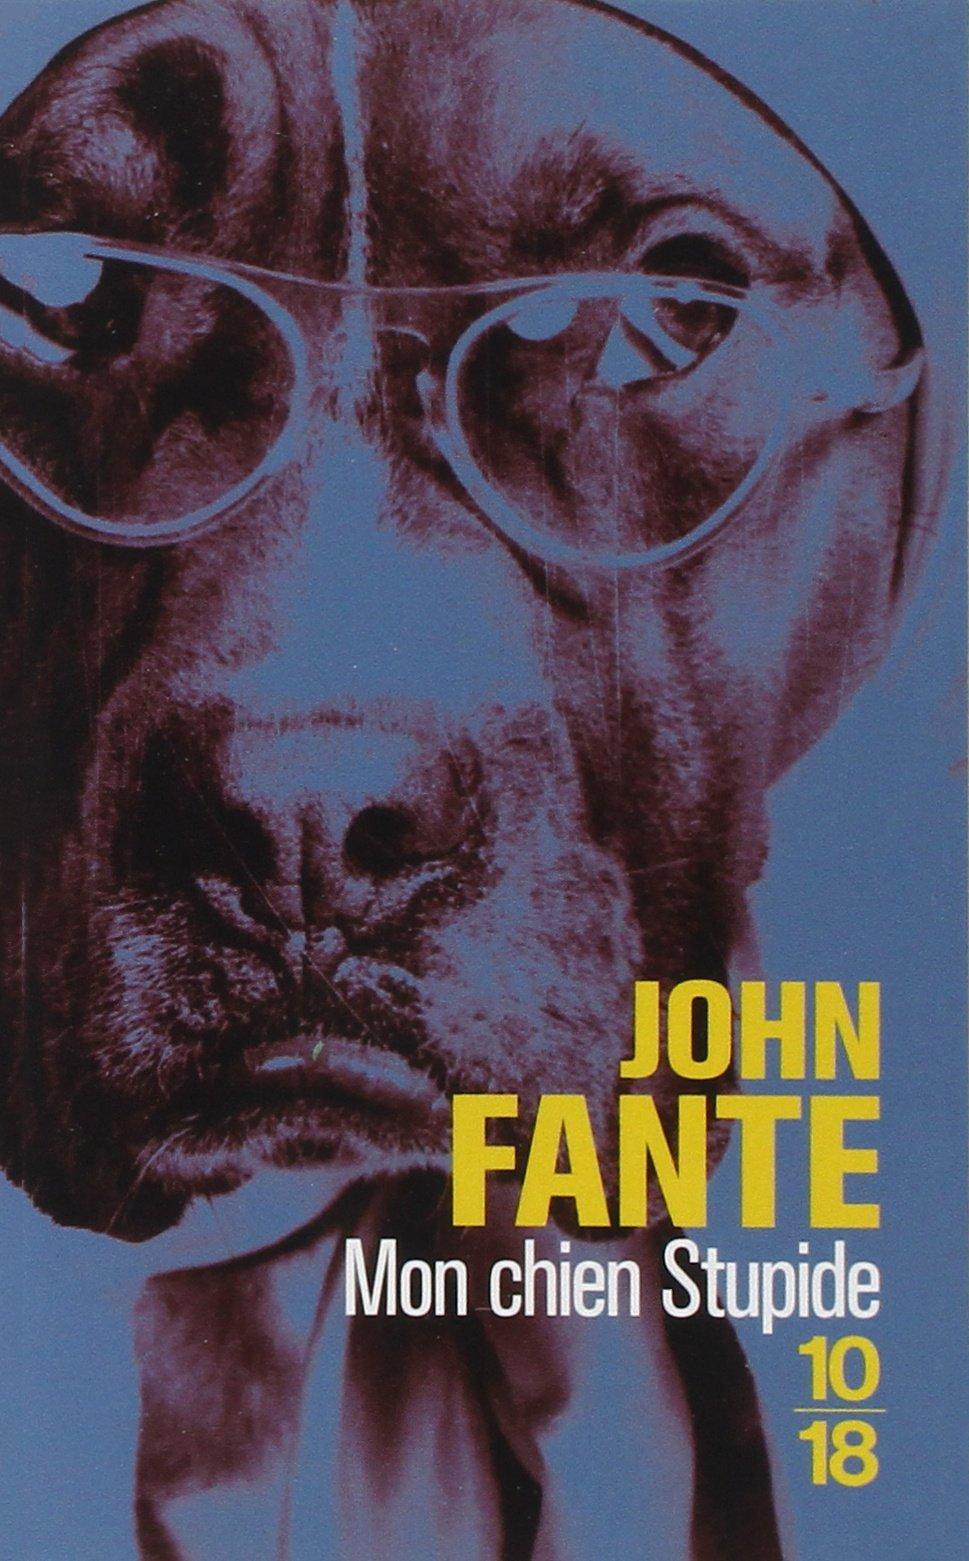 Yvan Attal adapte l'immense John Fante et retrouve Charlotte Gainsbourg pour